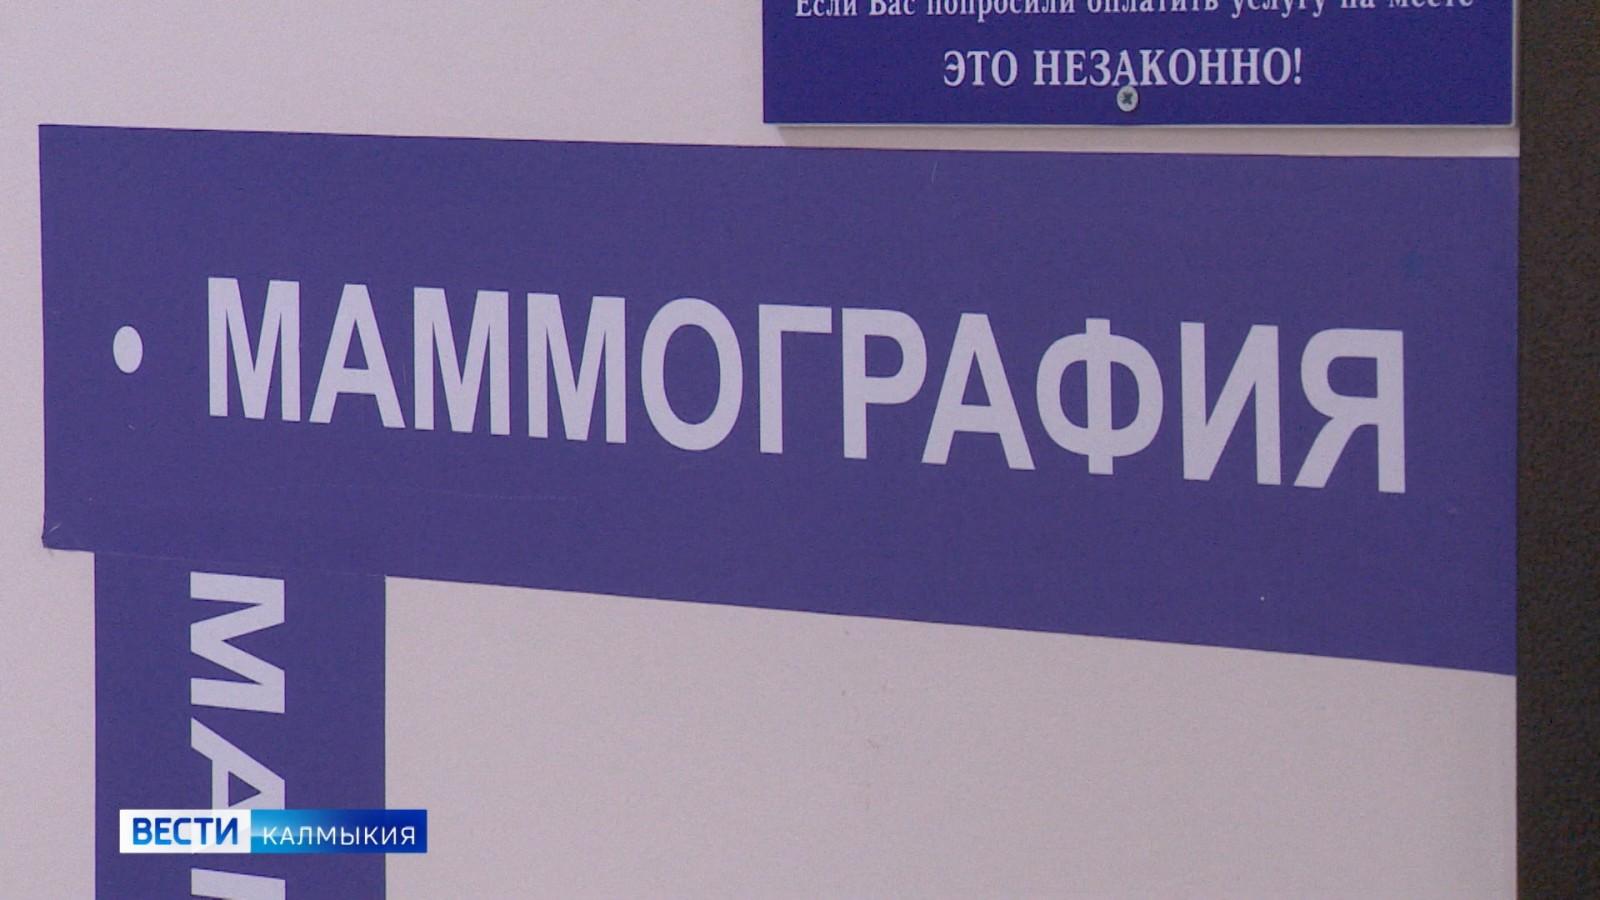 В городской поликлинике, после длительного перерыва, организованы дни открытых дверей